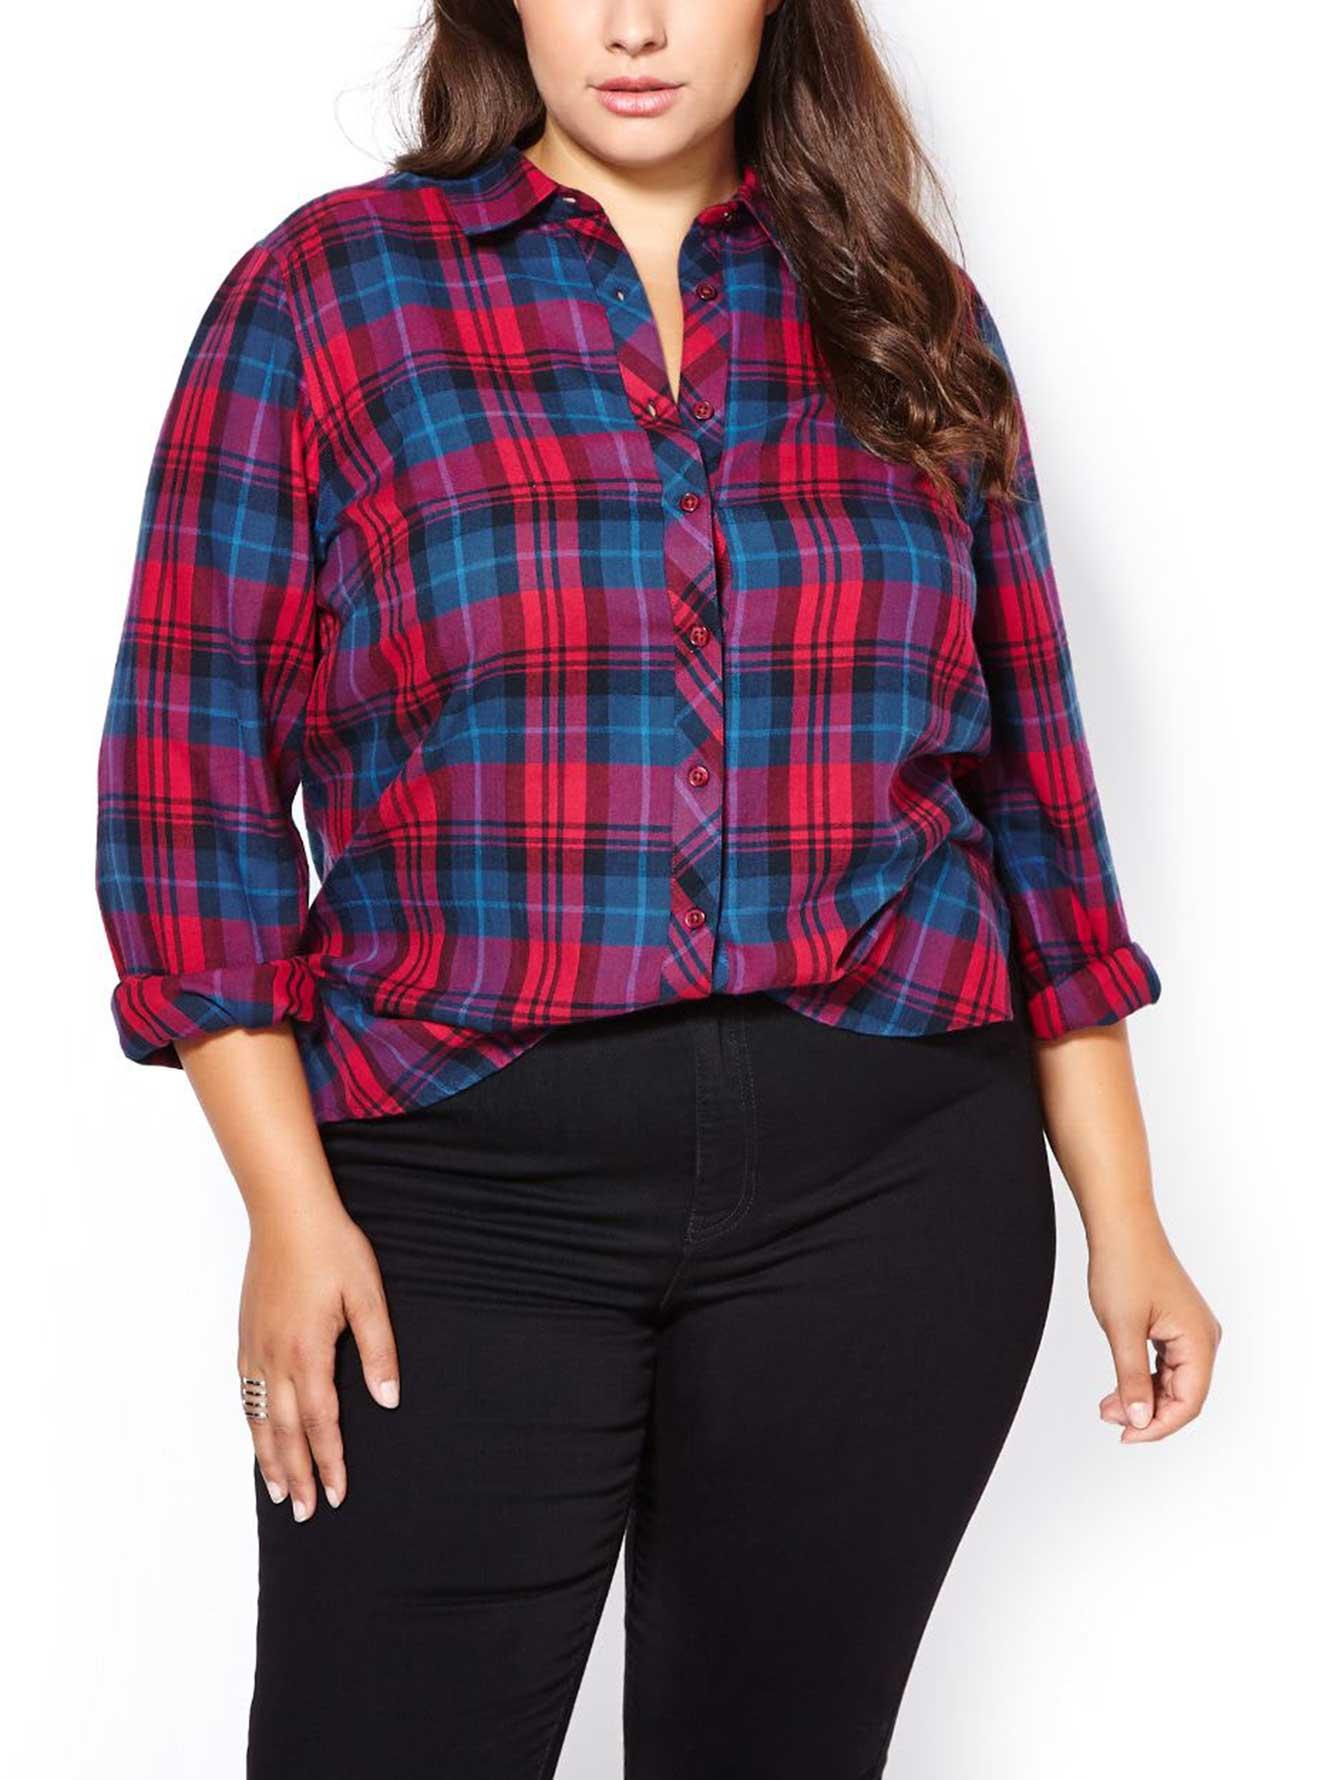 D c jeans long sleeve flannel plaid shirt penningtons for Long plaid flannel shirt